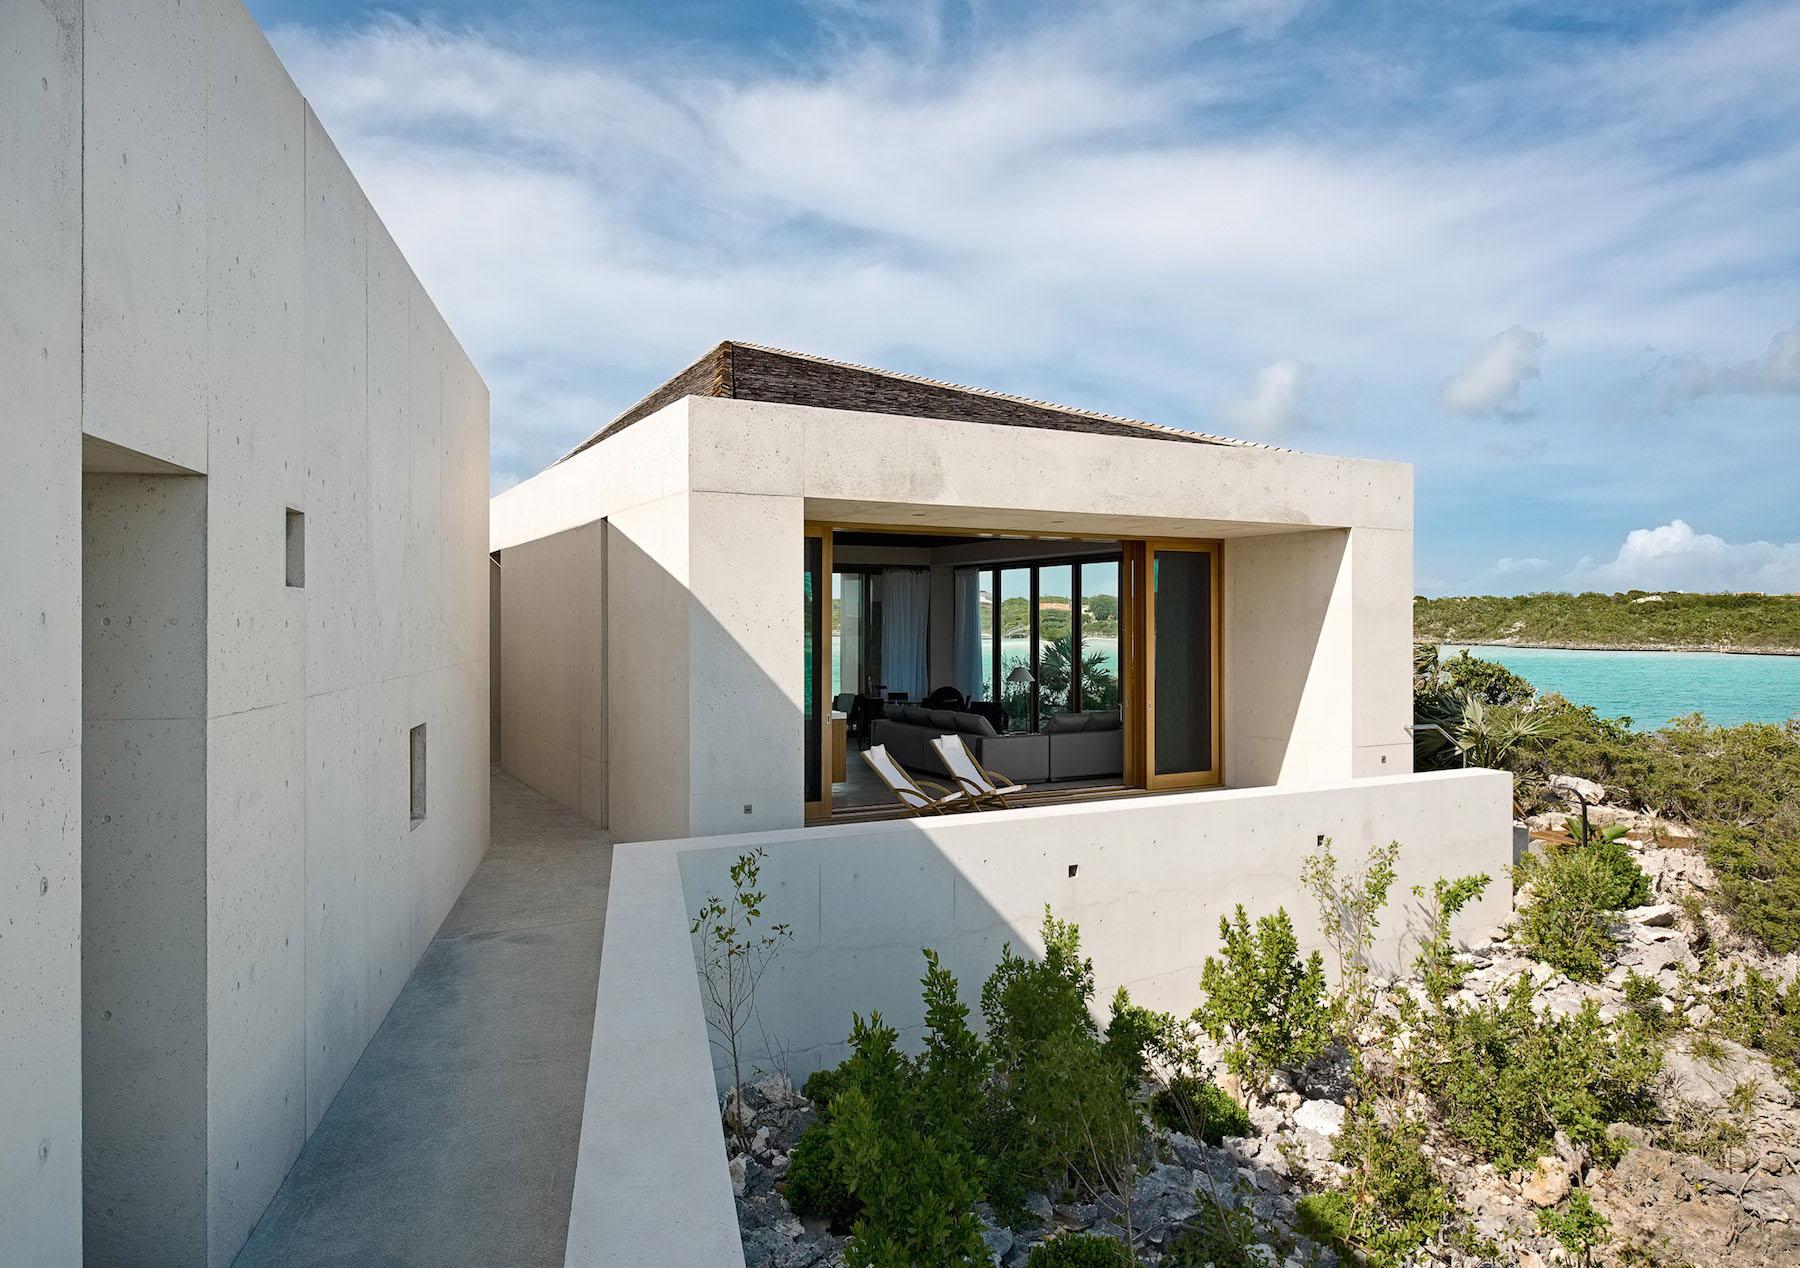 iGNANT-Architecture-Rick-Joy-Architects-La-Cabanon-11